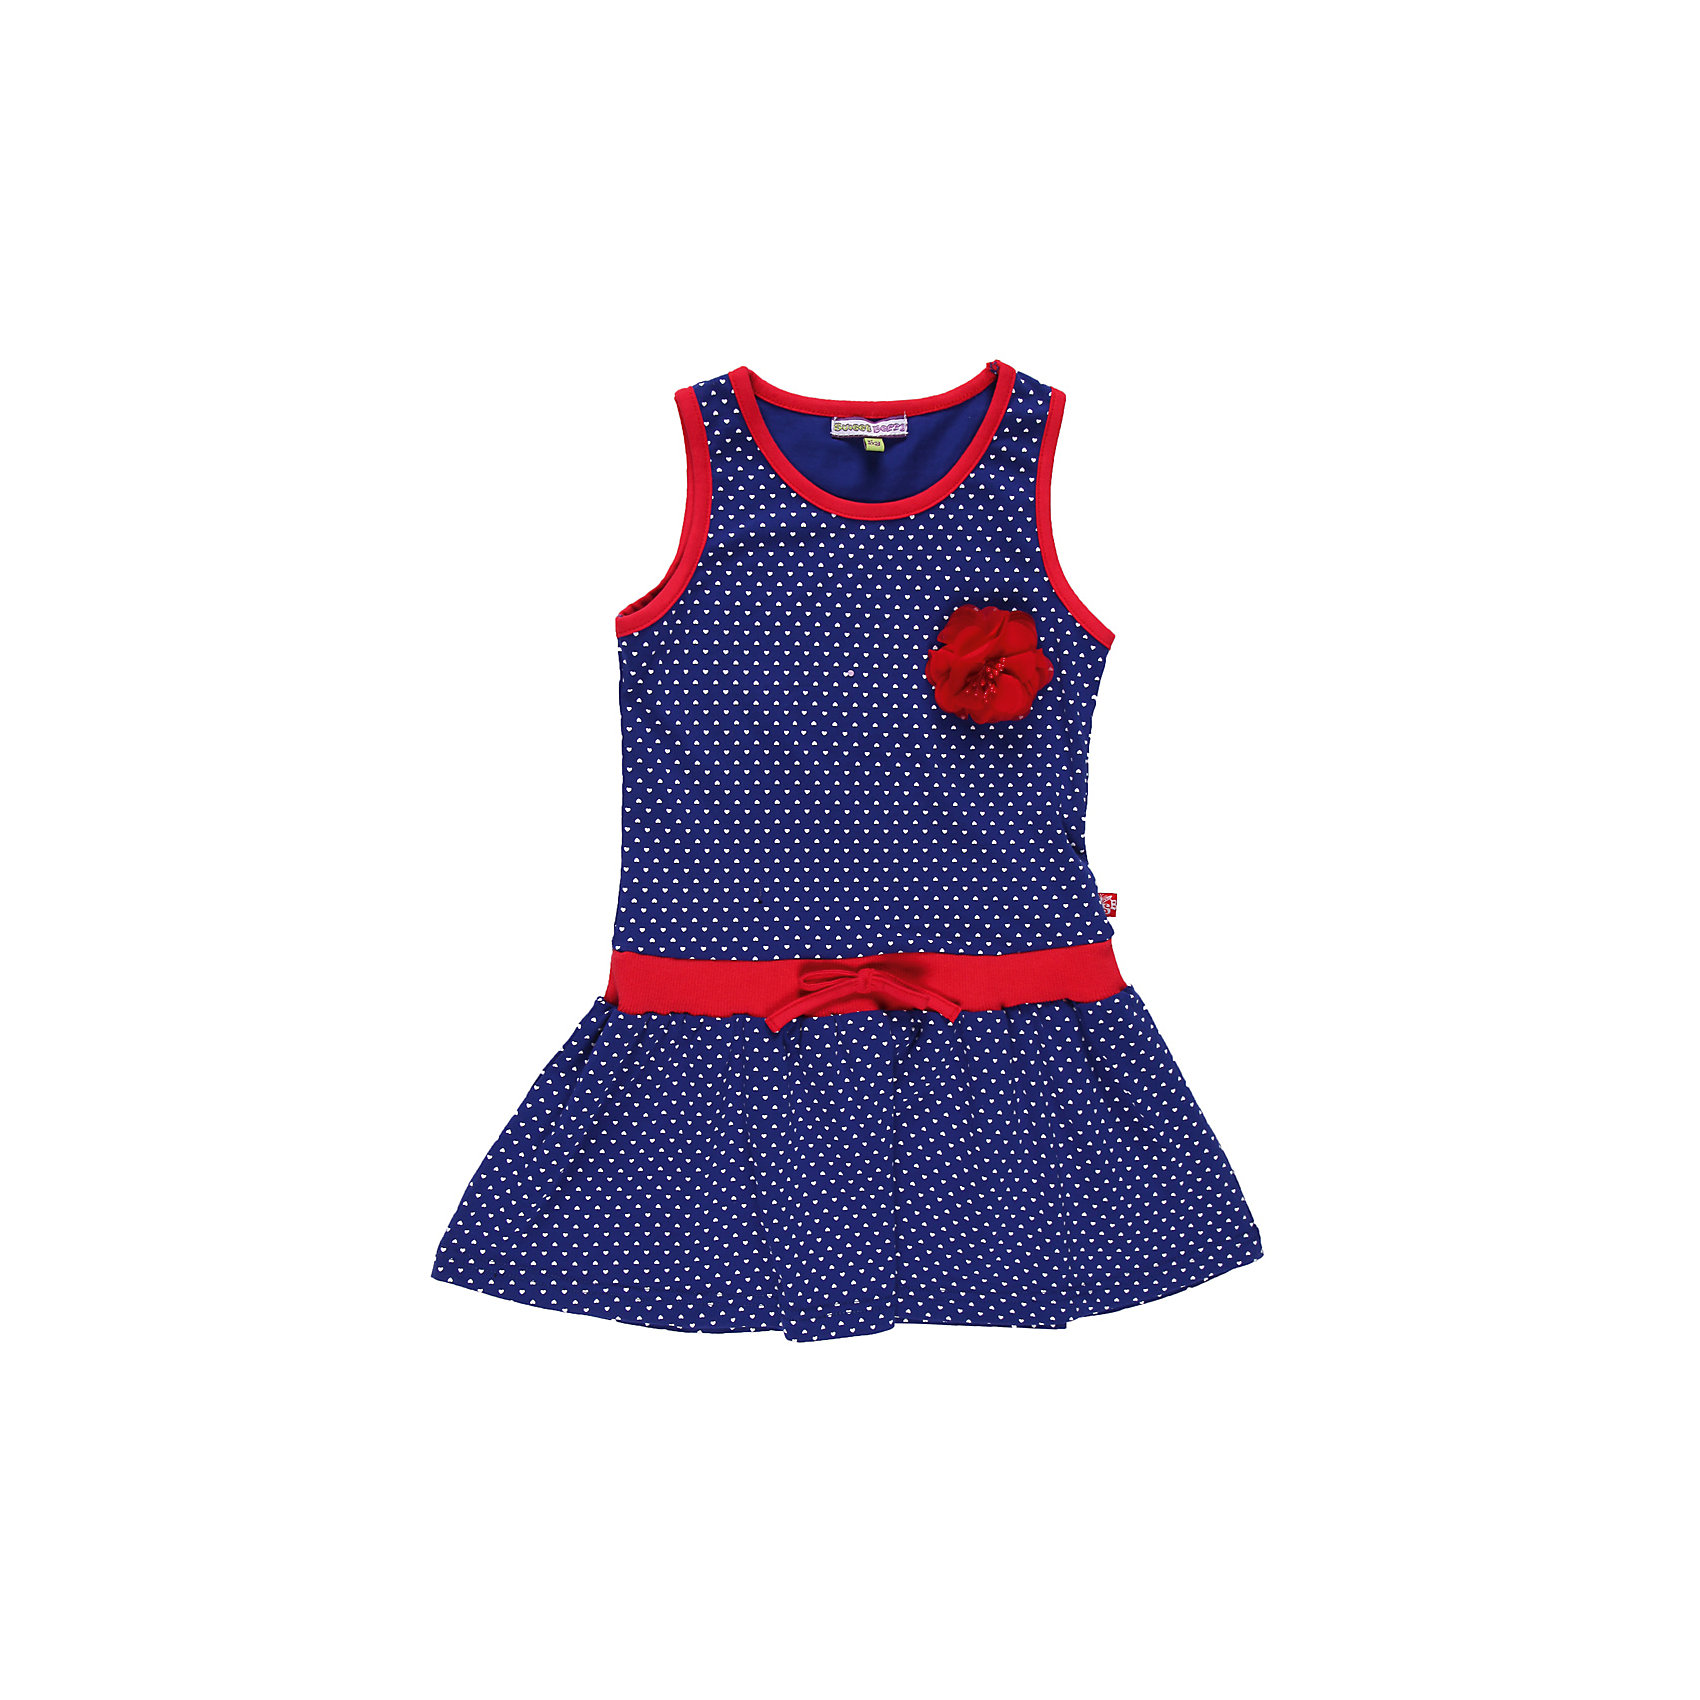 Платье для девочки Sweet BerryТрикотажное платье из принтованного трикотажа на эластичном поясе. Декорировано цветком.<br>Состав:<br>95% хлопок, 5% эластан<br><br>Ширина мм: 236<br>Глубина мм: 16<br>Высота мм: 184<br>Вес г: 177<br>Цвет: синий/красный<br>Возраст от месяцев: 24<br>Возраст до месяцев: 36<br>Пол: Женский<br>Возраст: Детский<br>Размер: 98,110,104,128,122,116<br>SKU: 4521091